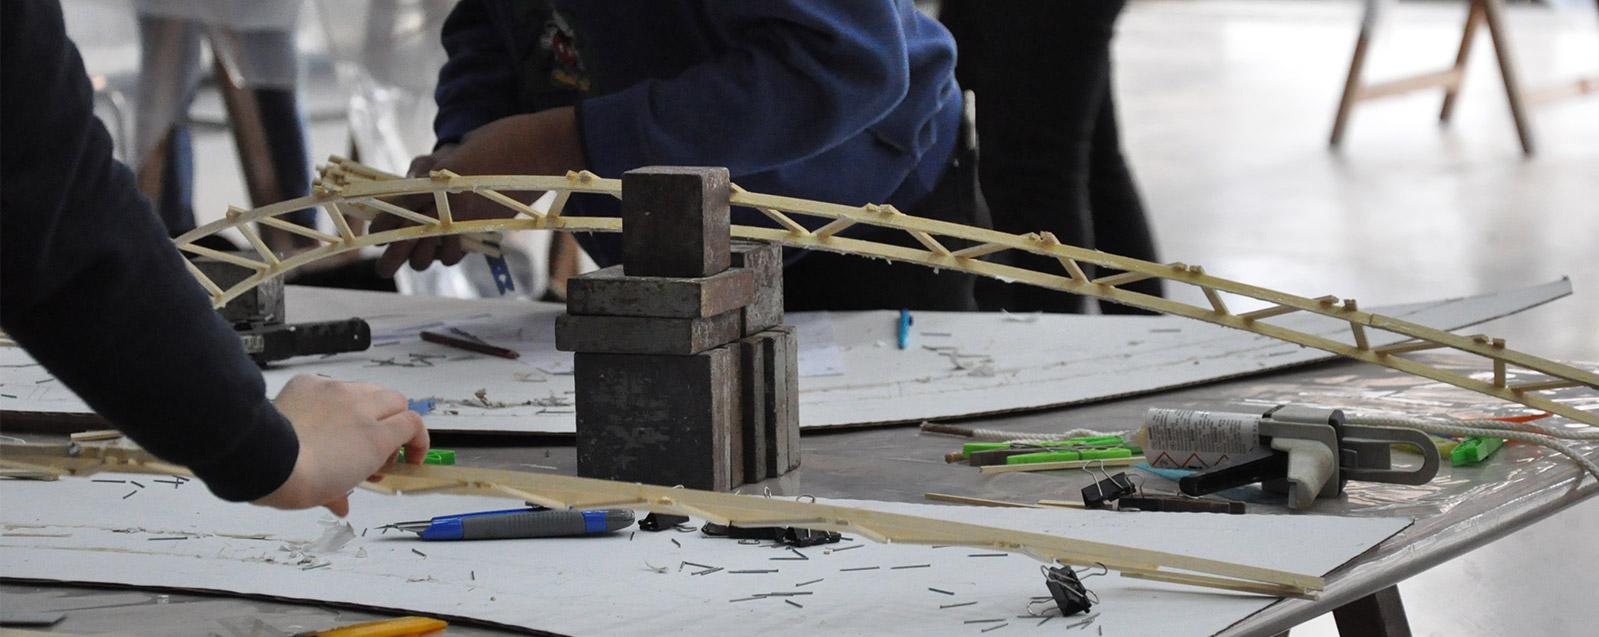 Réalisation d'un projet aux Grands ateliers